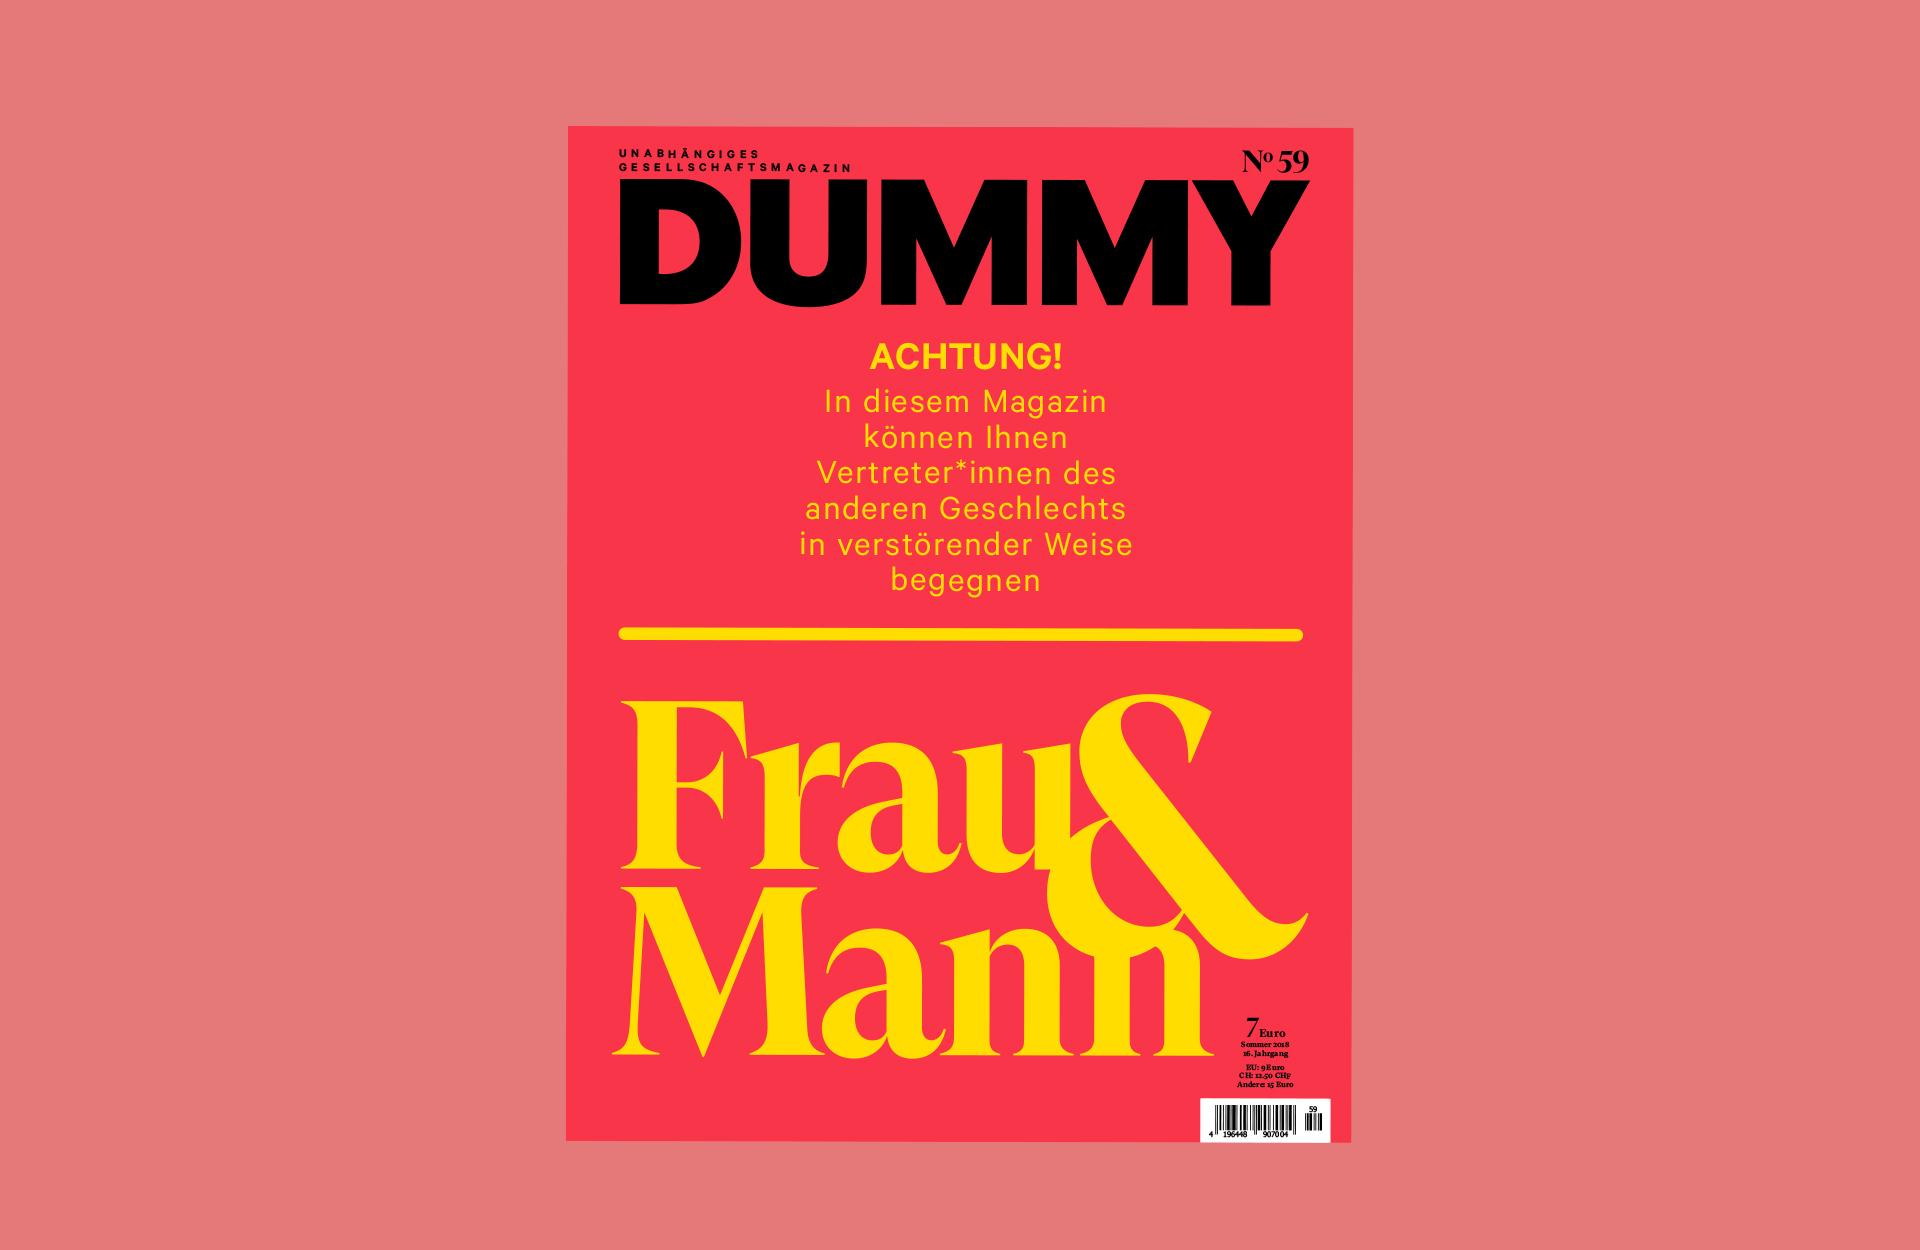 DUMMY 59 zum Thema Frau und Mann